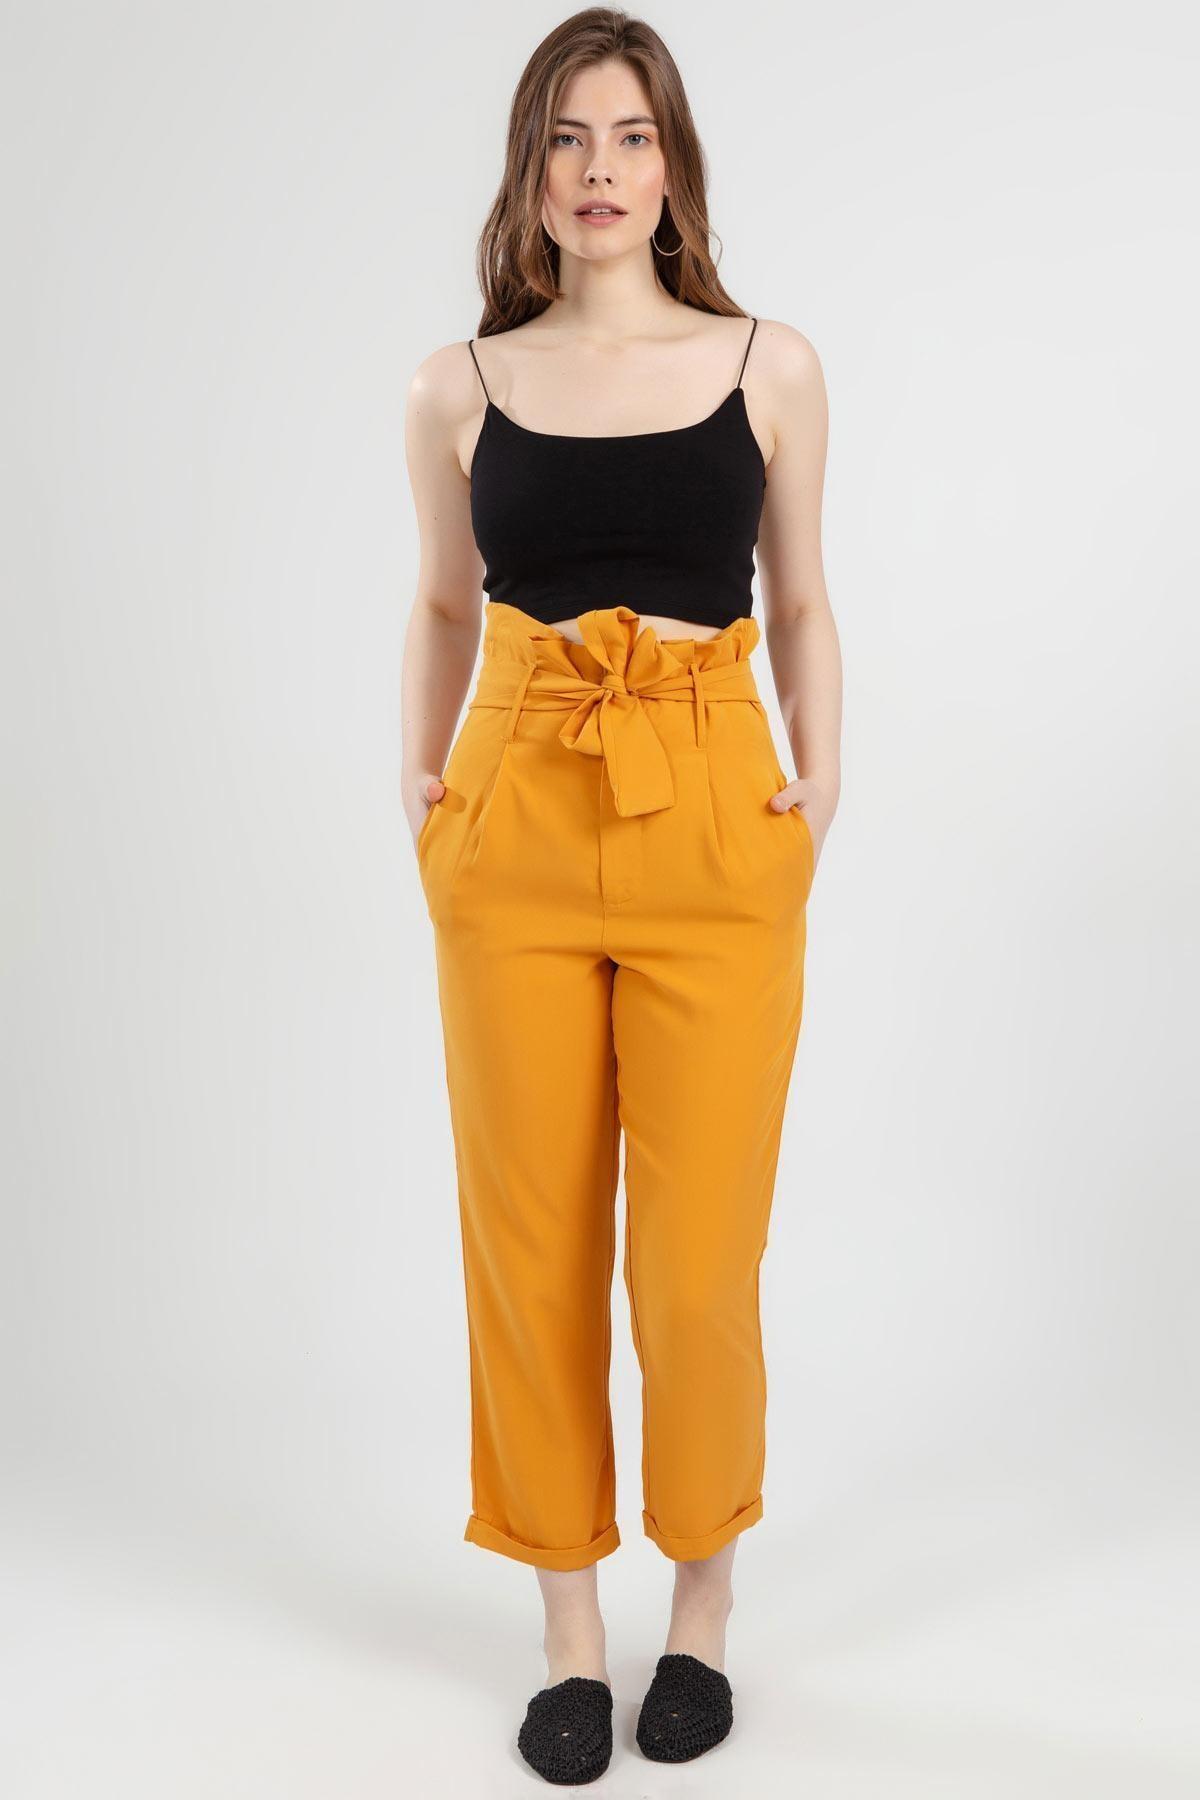 Y-London Kadın Sarı Belden Bağlamalı Duble Paça Yüksek Bel Pantolon 1